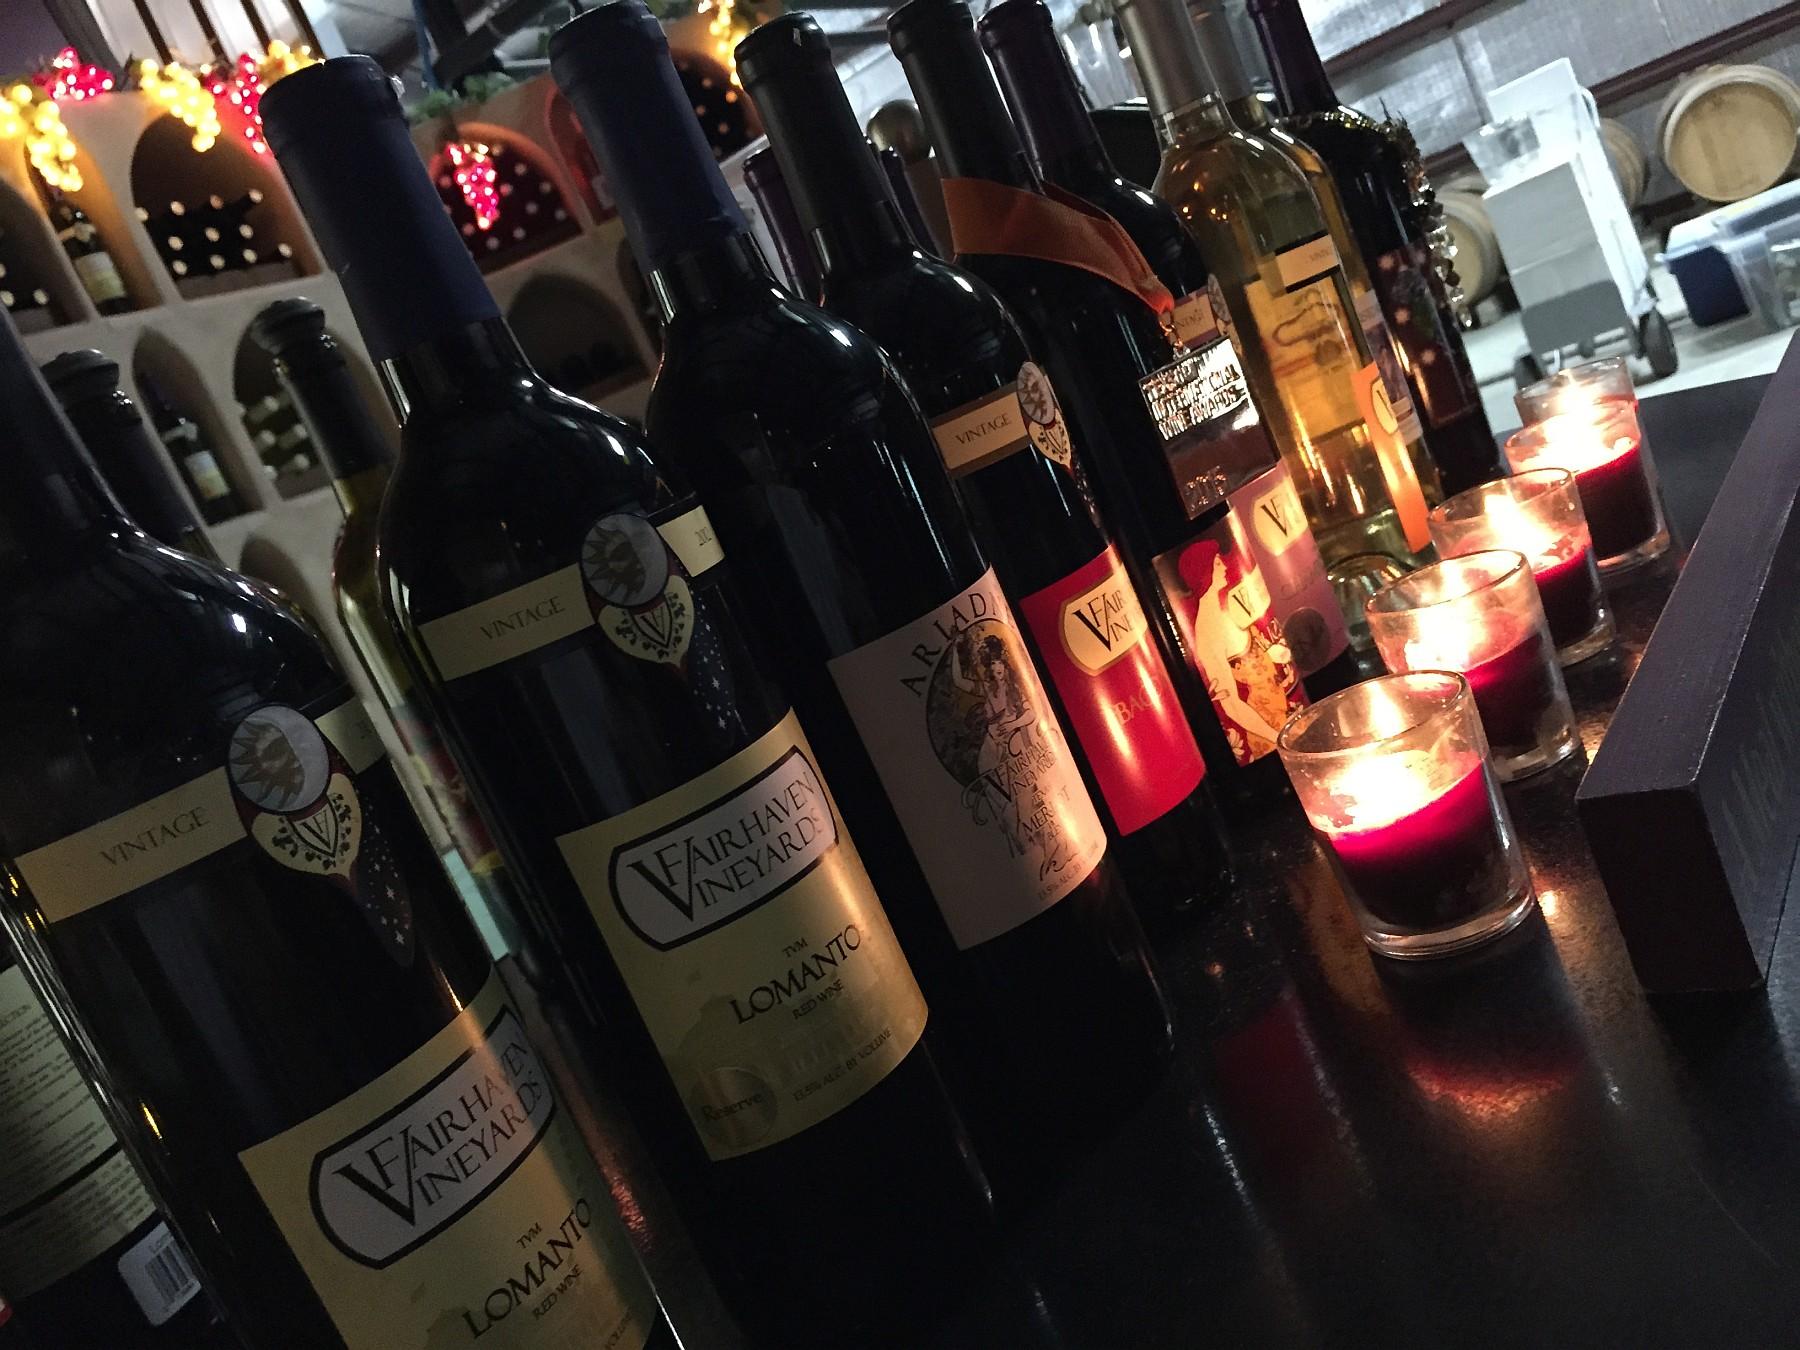 Fairhaven Vineyards wines